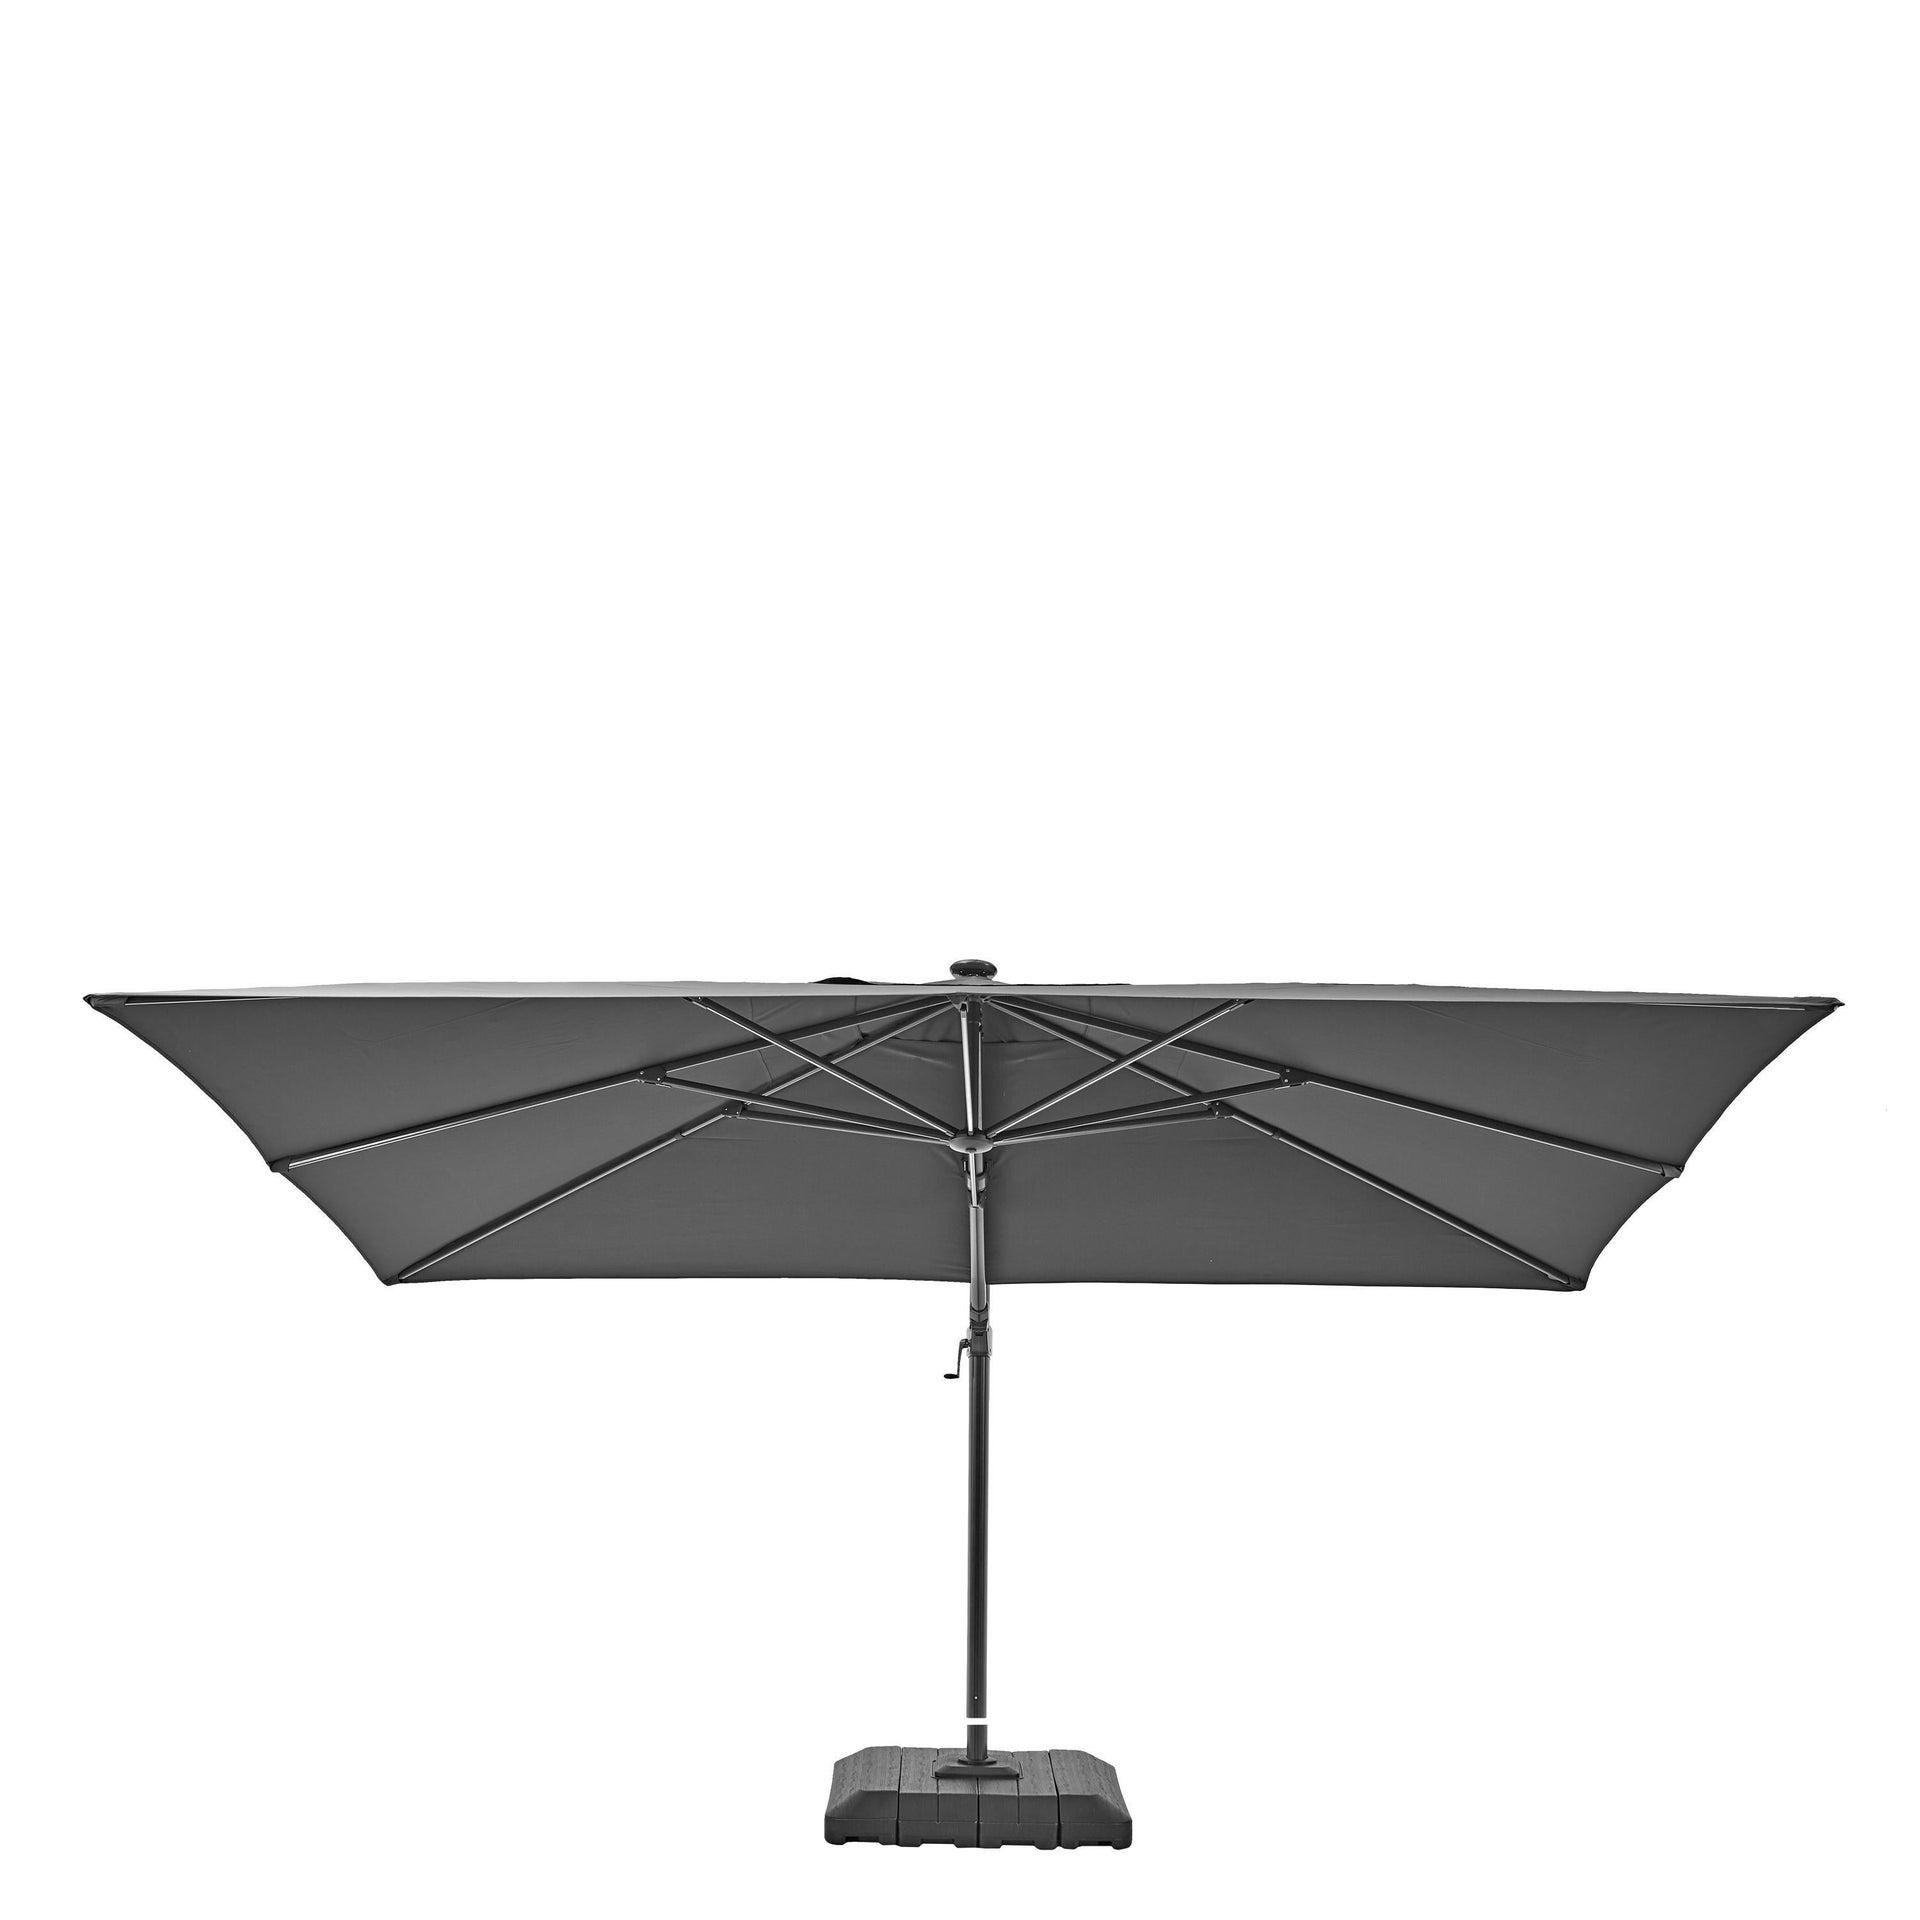 Ombrellone NATERIAL Sonora L 2.82 x P 3.91 m color grigio - 22